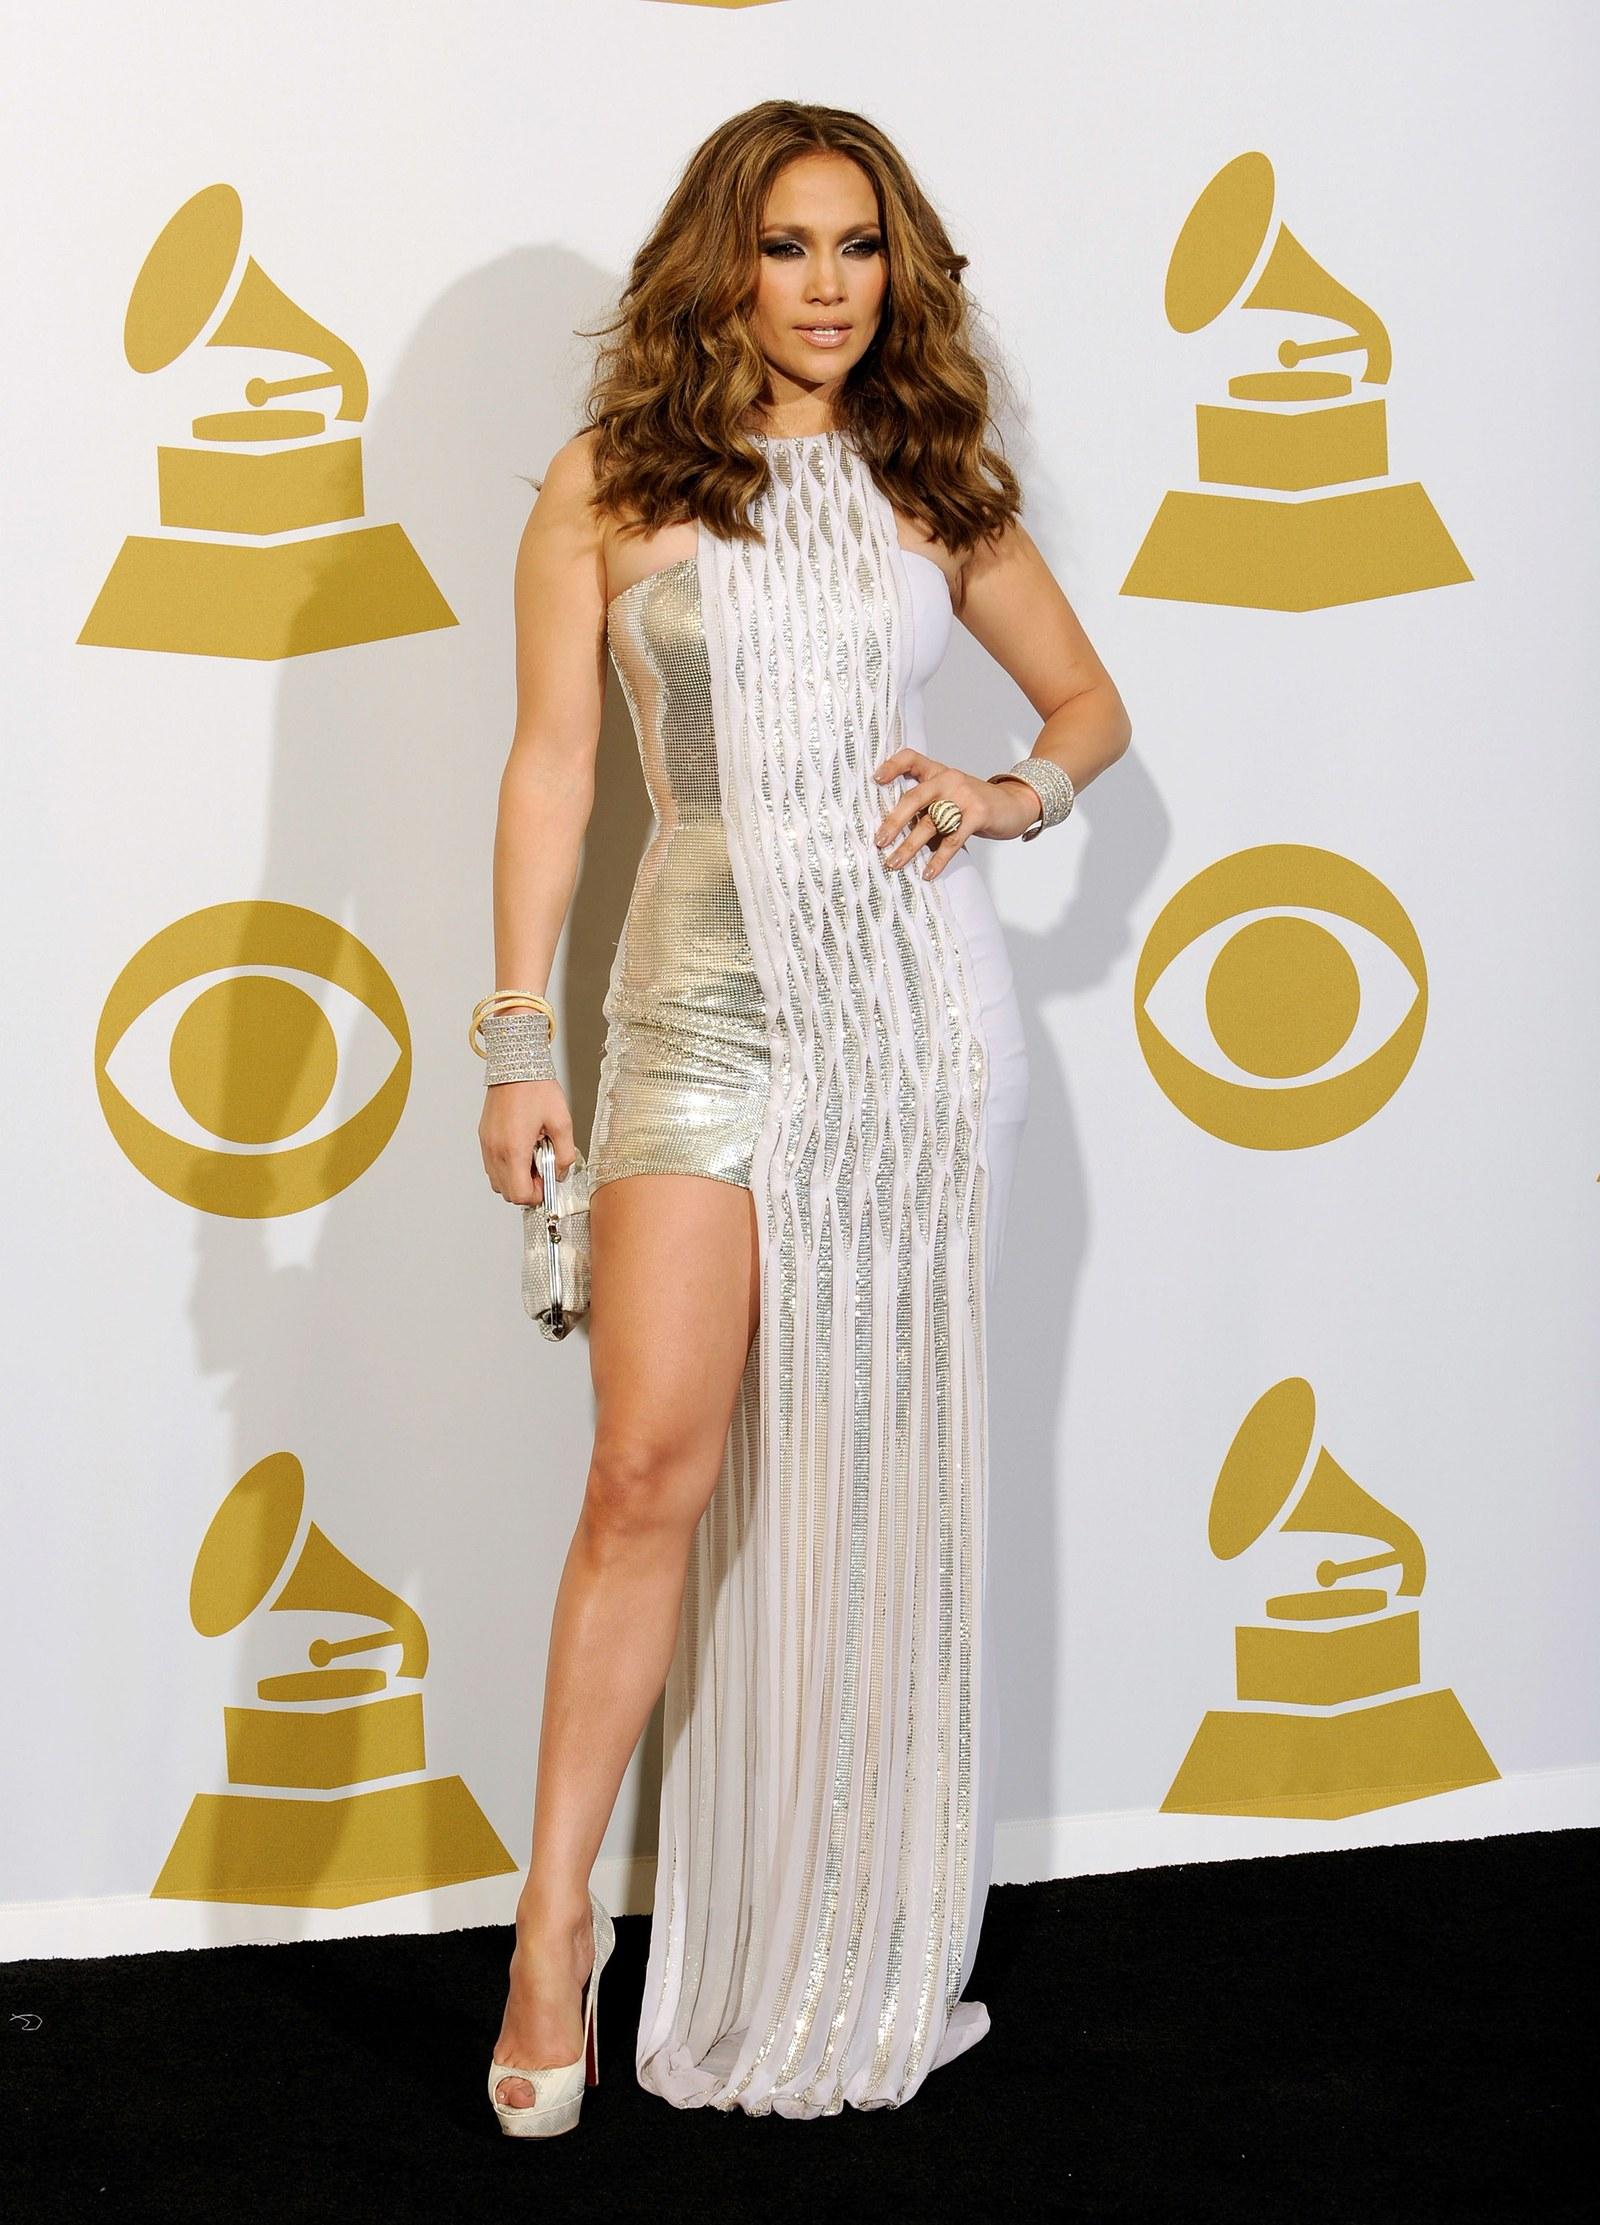 Éppen 10 évvel később, a 2010-es Grammy díjátadón újabb szexi Versace-ben láthatjuk az énekesnőt.